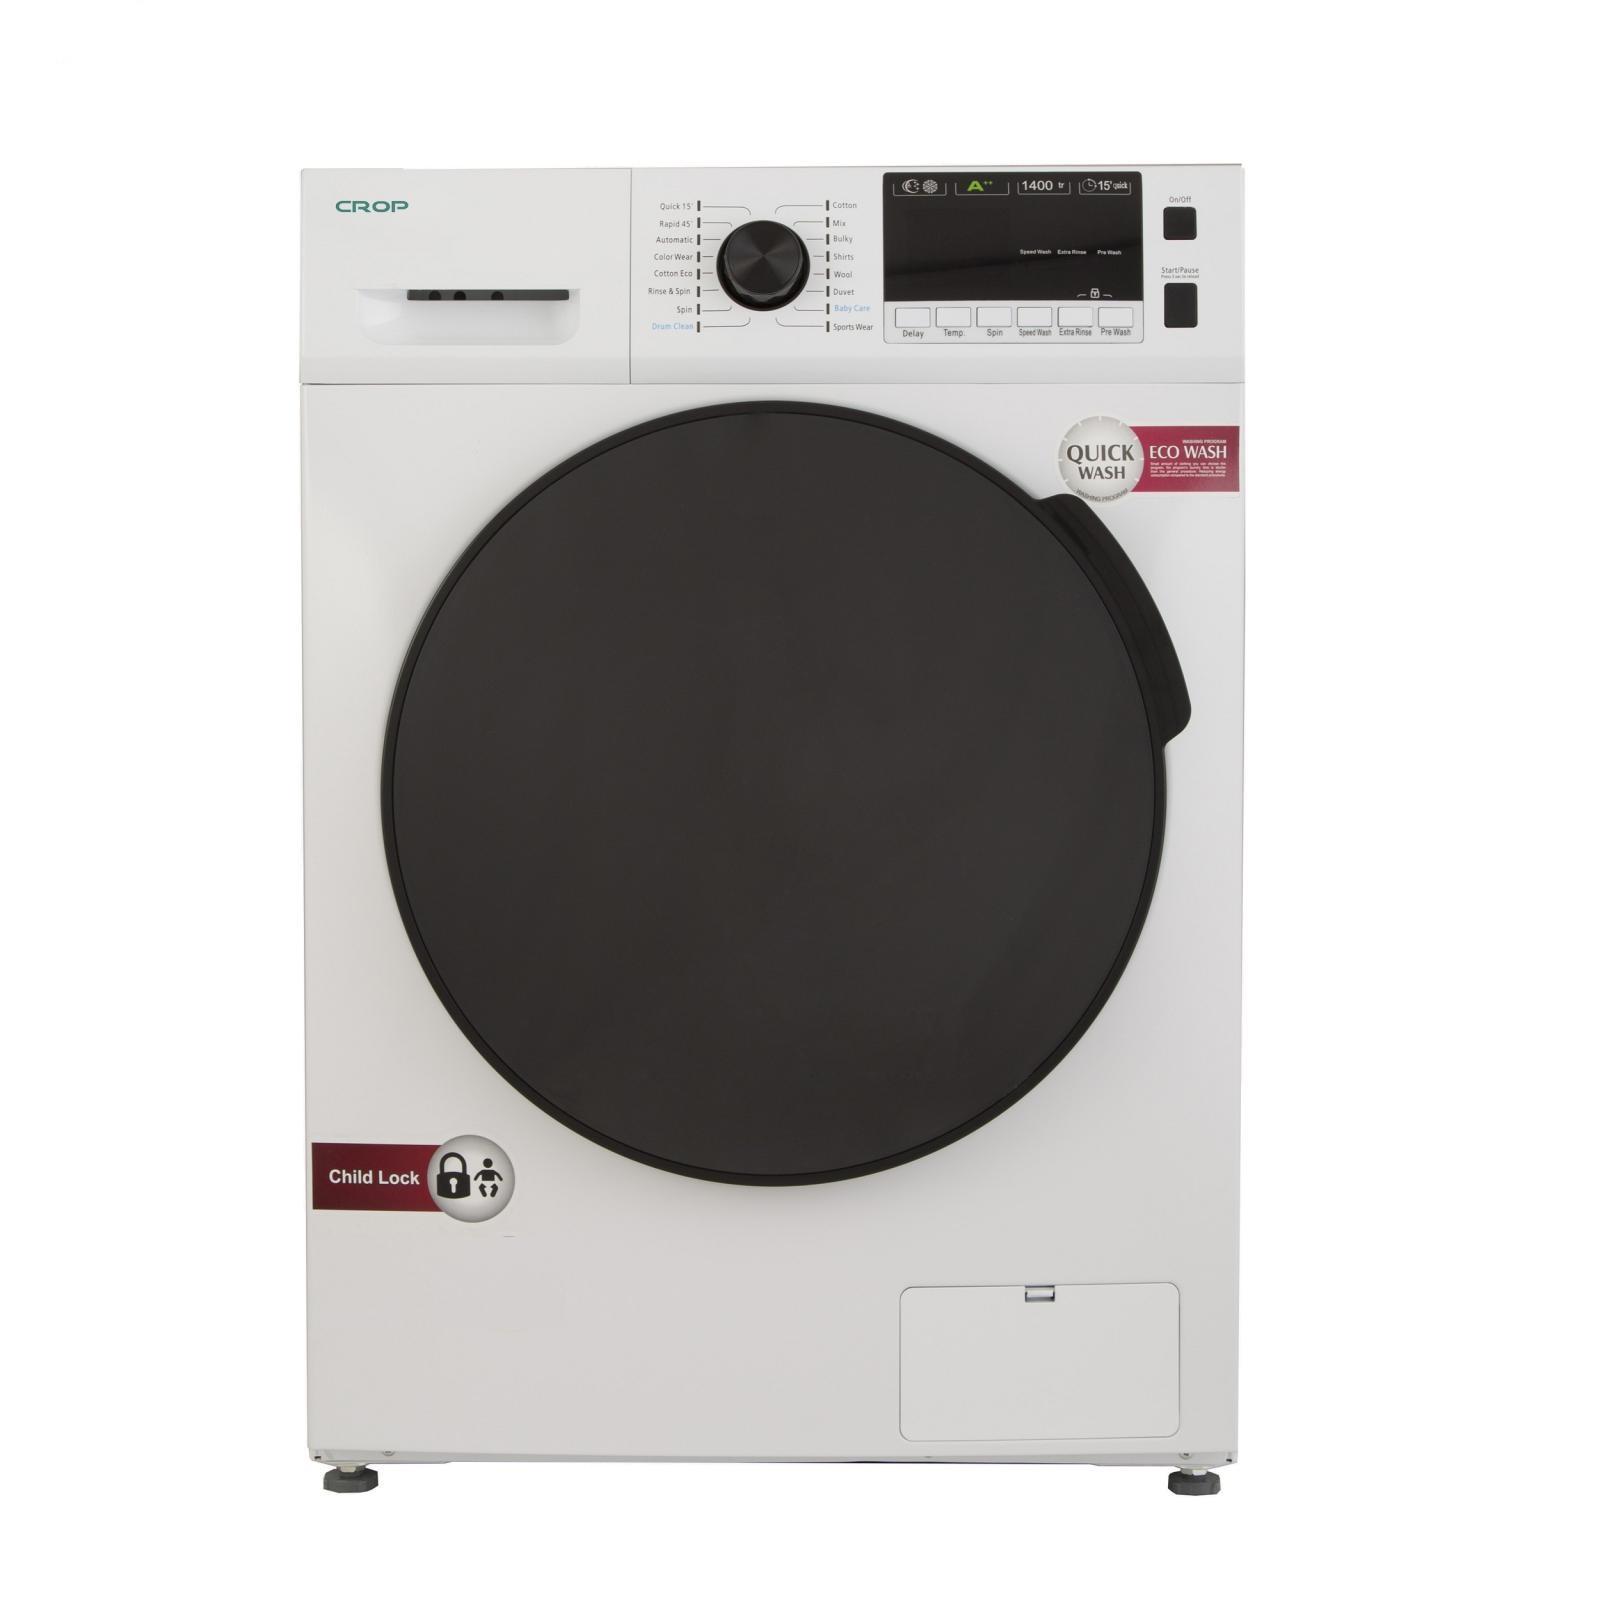 لباسشویی کروپ اتومات 7KG سفید درب کروم 1400دور  WFT-27417WT